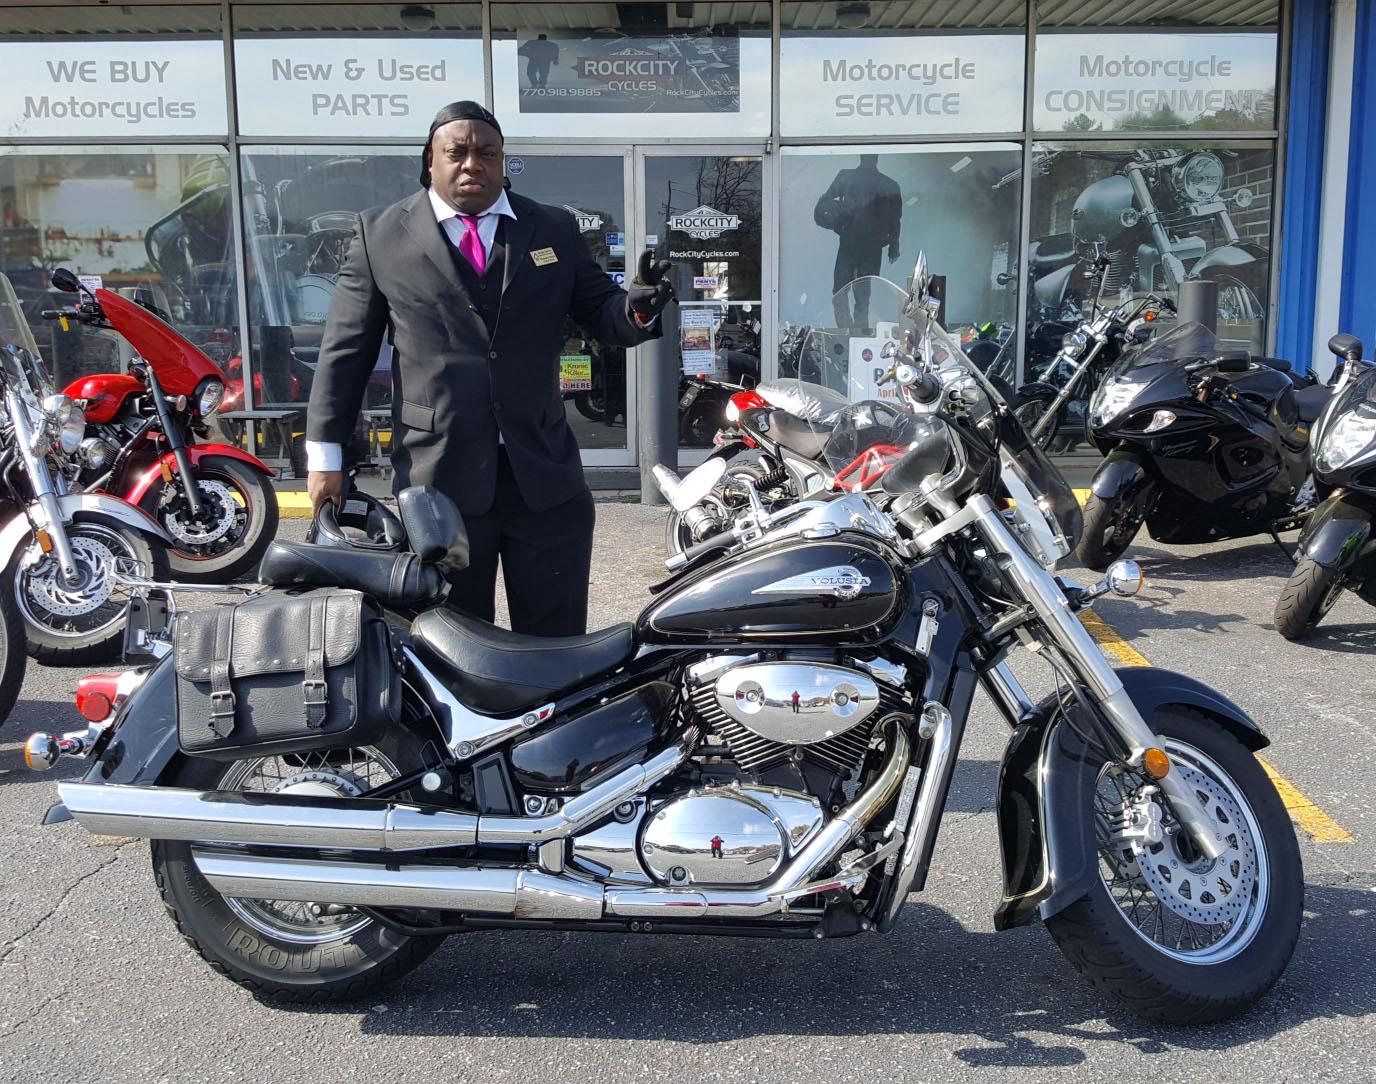 Joshua H. with his 2008 Yamaha YZ250F